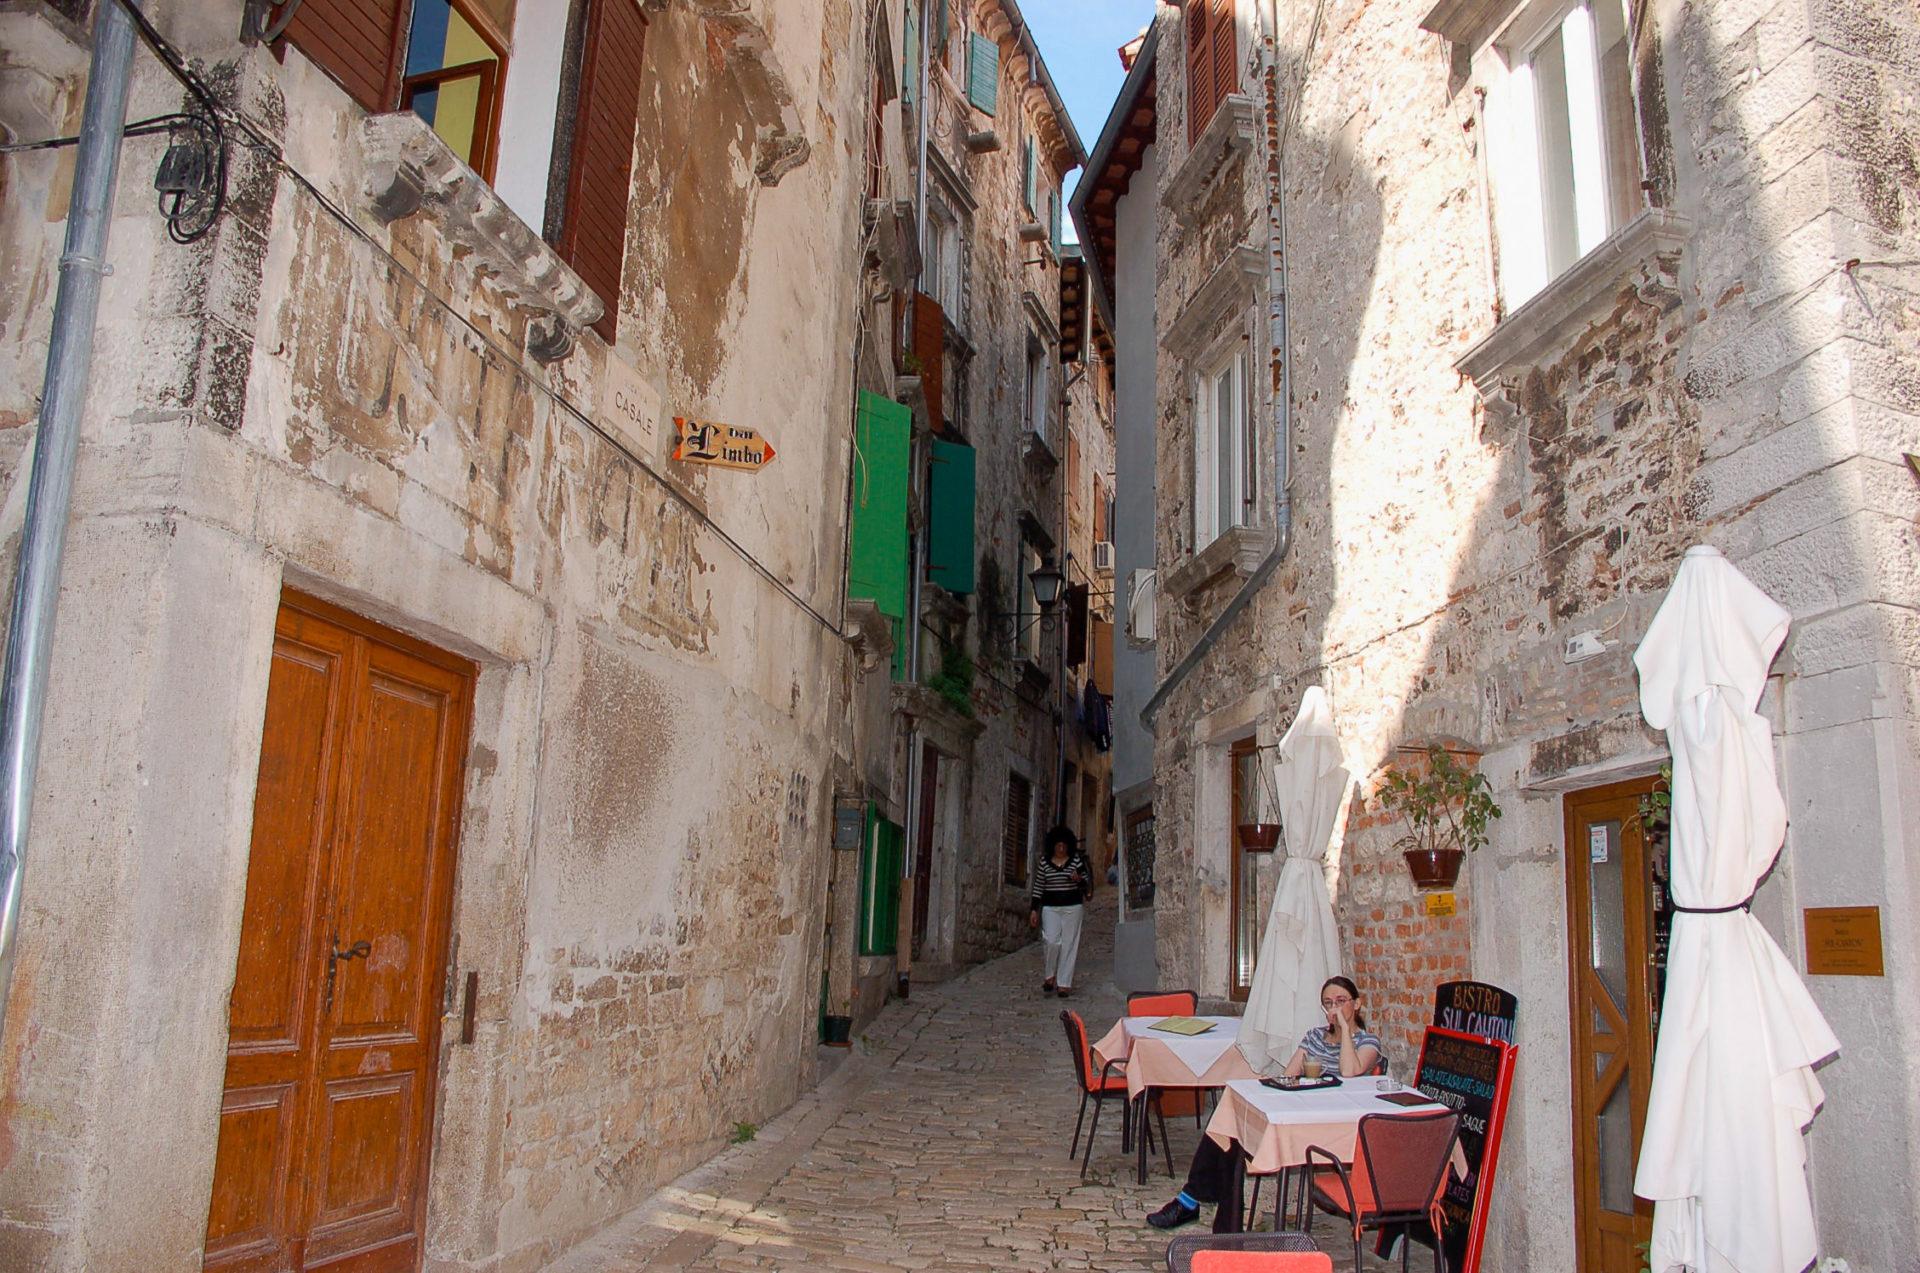 Enge Gassen in der Altstadt von Rovinj